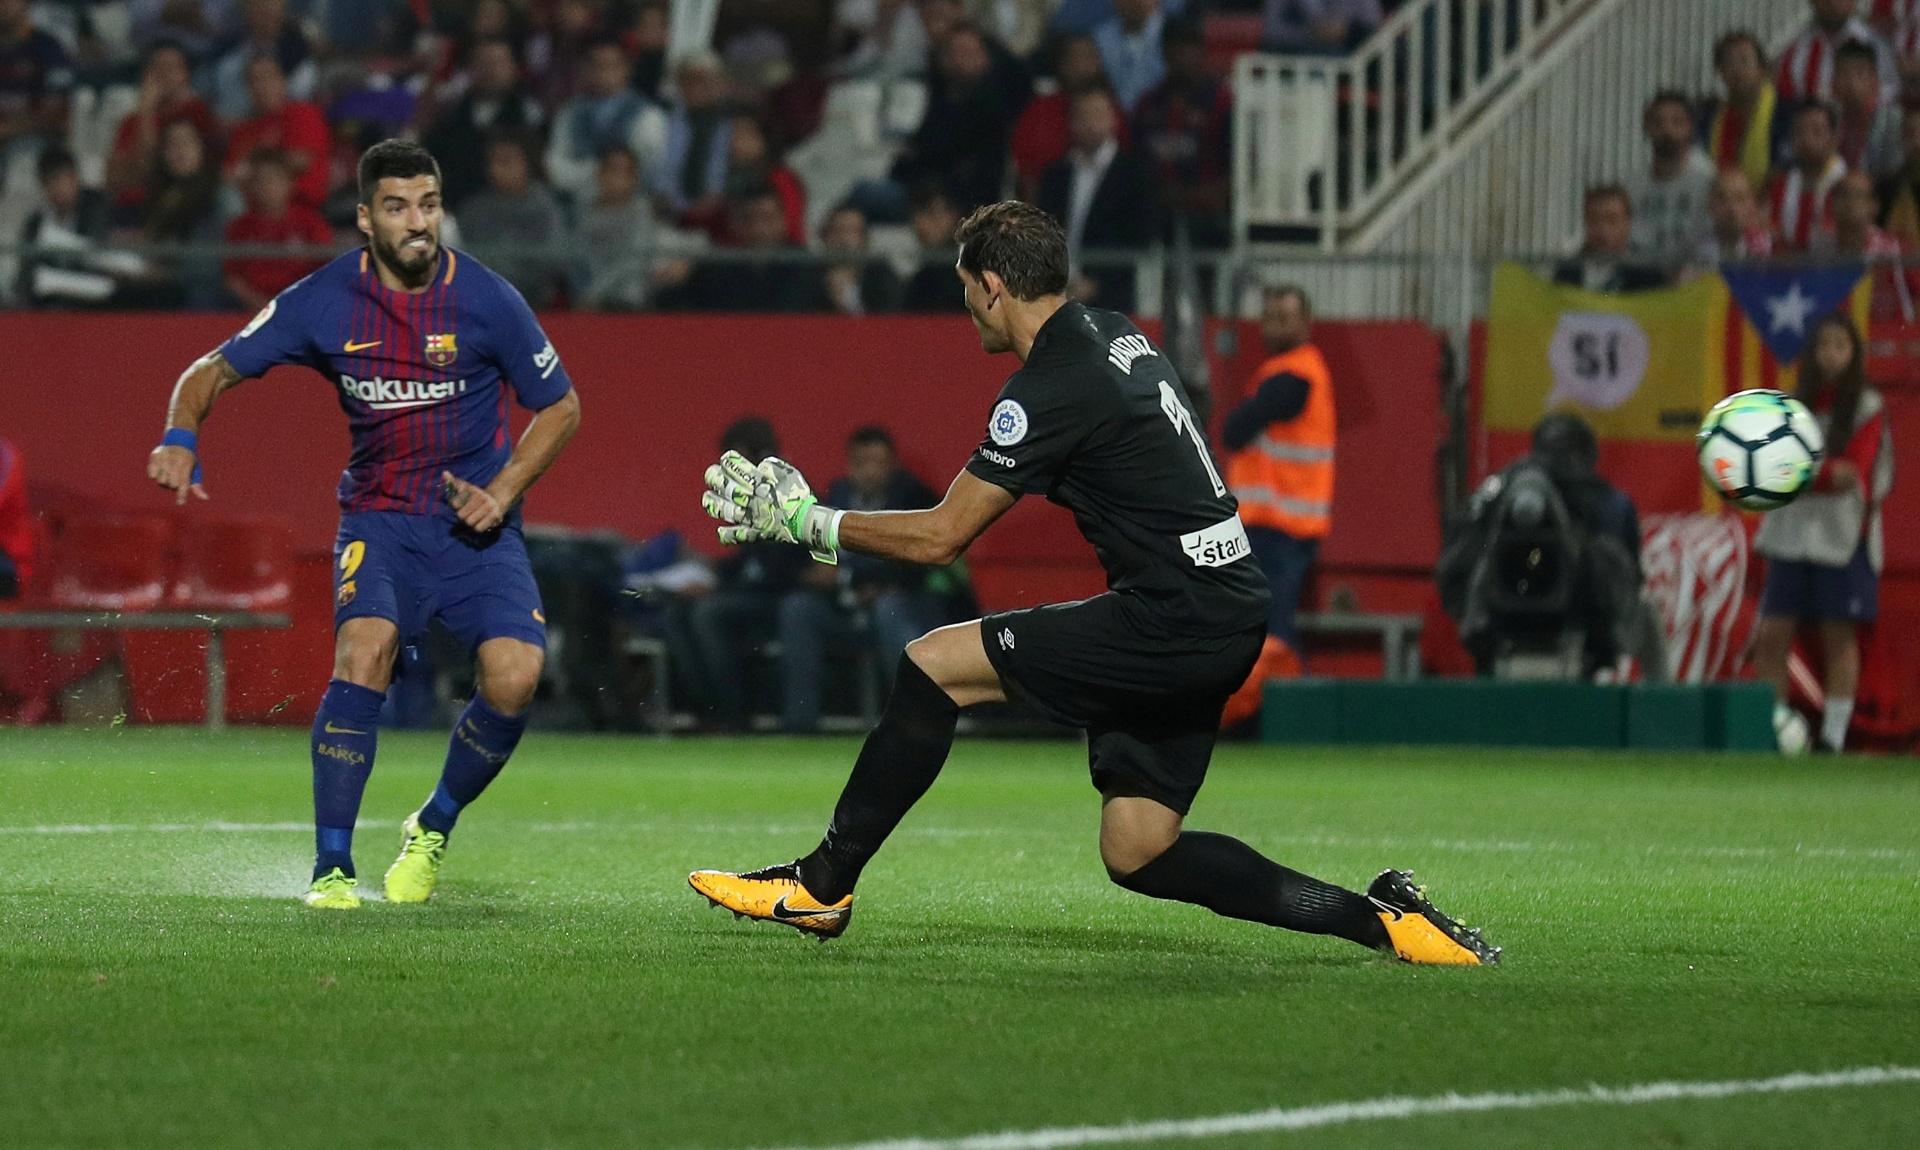 7029bf5bb6 Barcelona vence Girona em derby catalão com tom político e continua líder -  23 09 2017 - UOL Esporte